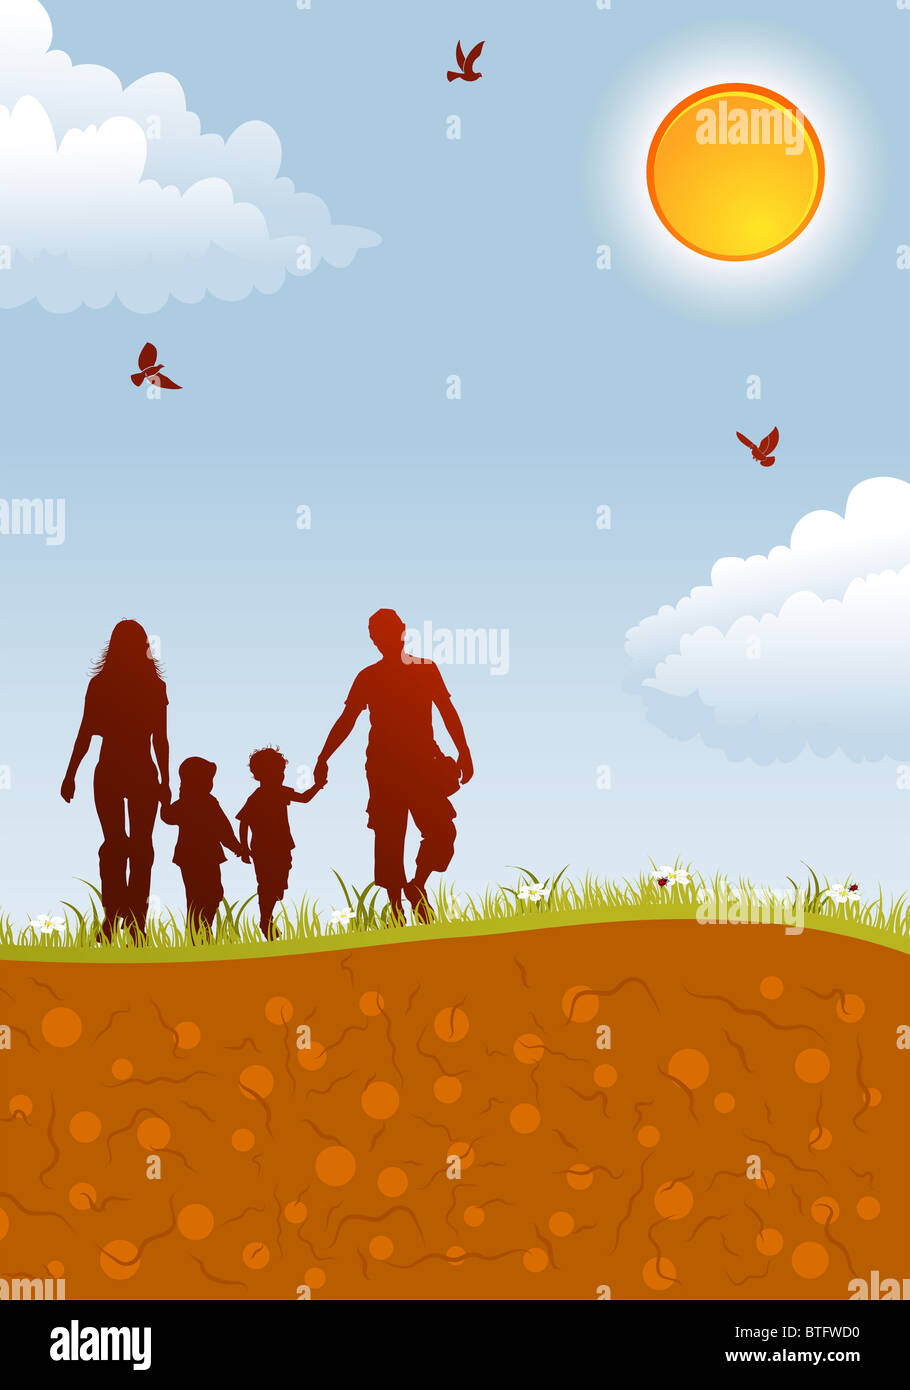 Sagome di famiglia sulla natura dello sfondo con bird, sun e fiore, elemento di design, illustrazione vettoriale Immagini Stock